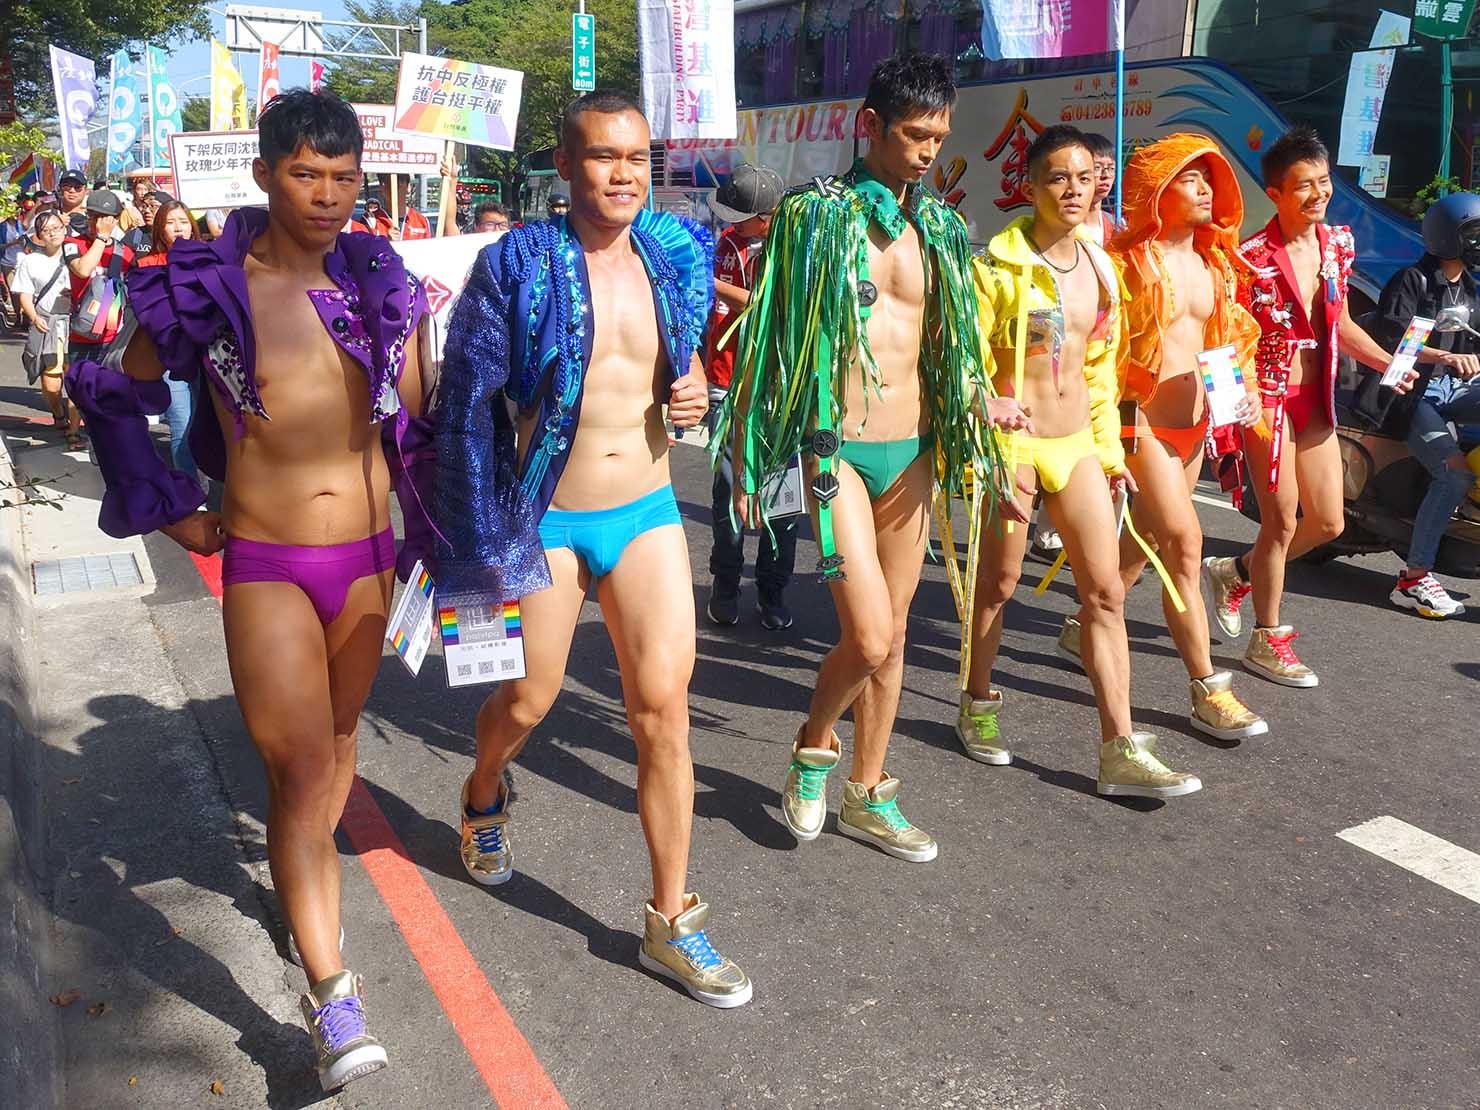 台中同志遊行(台中LGBTプライド)2019のパレードを歩くレインボー男子たち